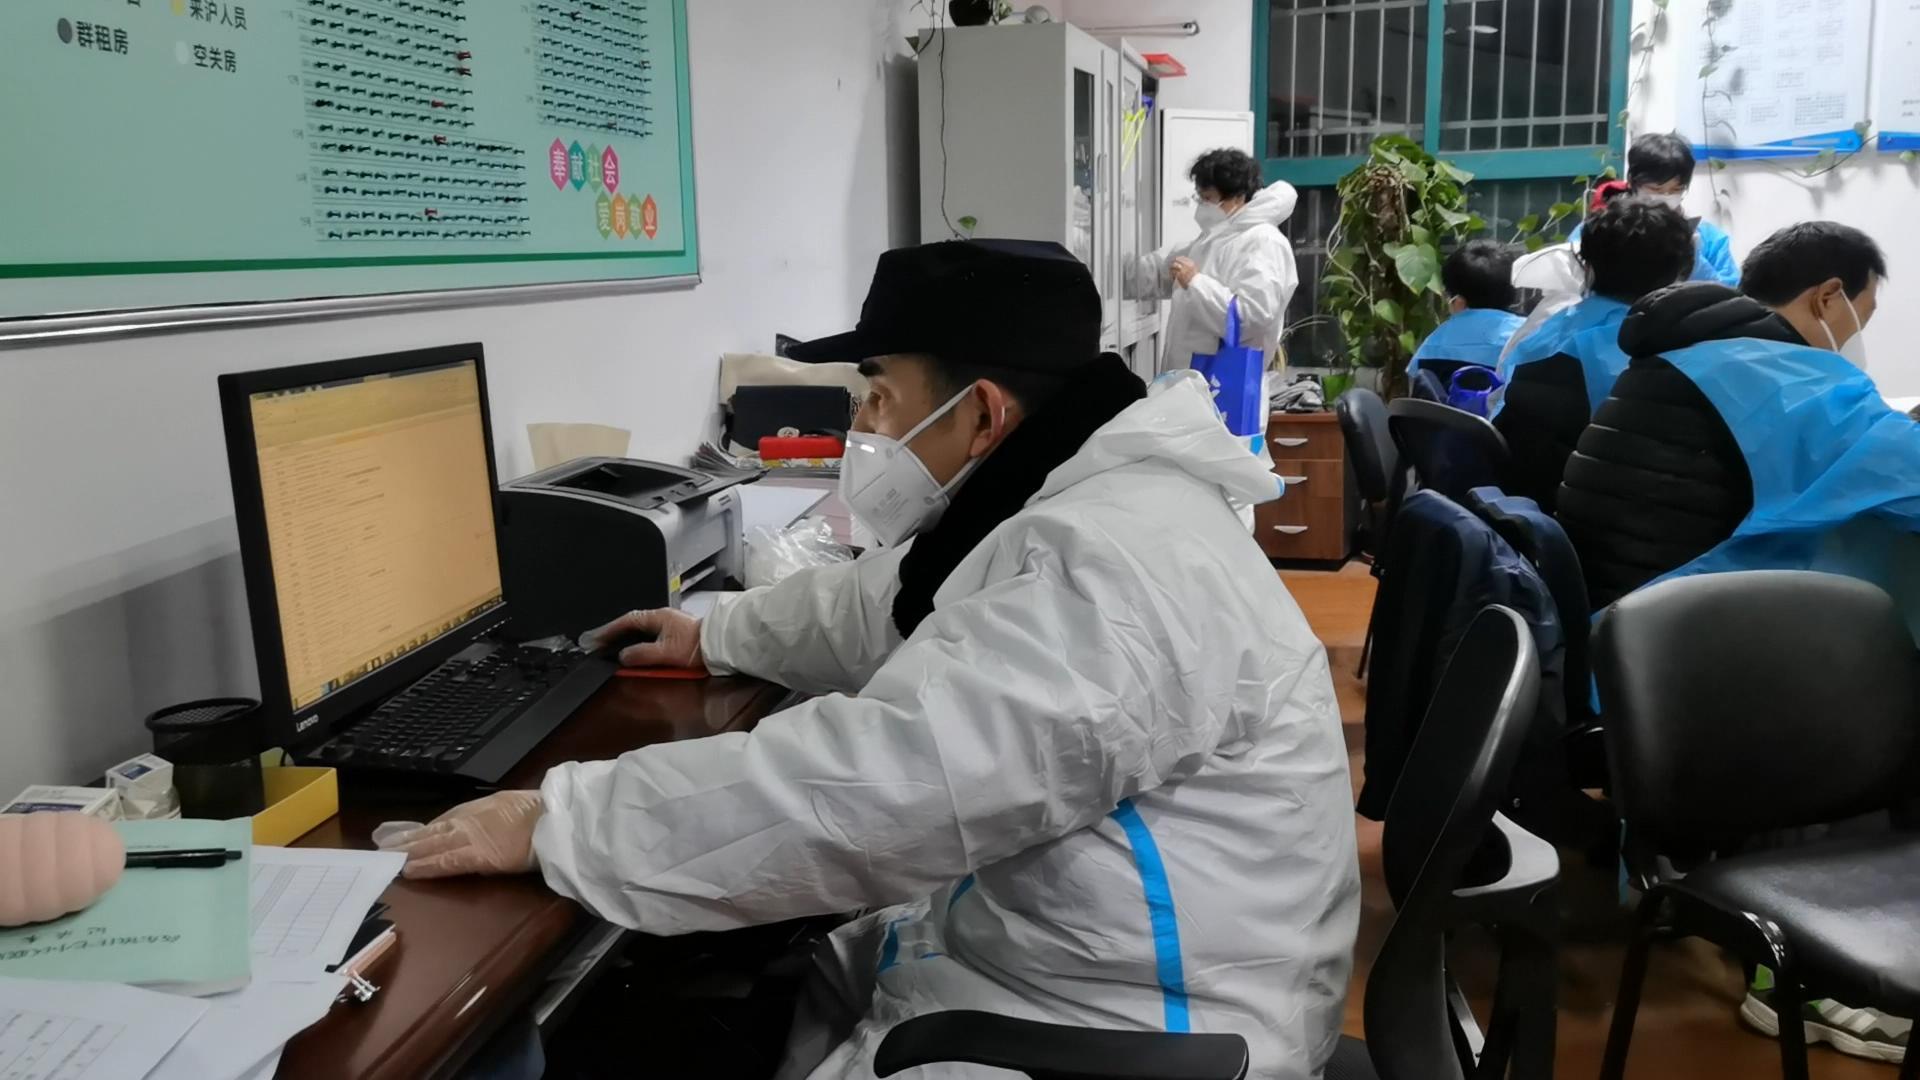 上海浦东封闭管理的小区,800多名老人的用药如何保障?快递成堆怎么办?图片